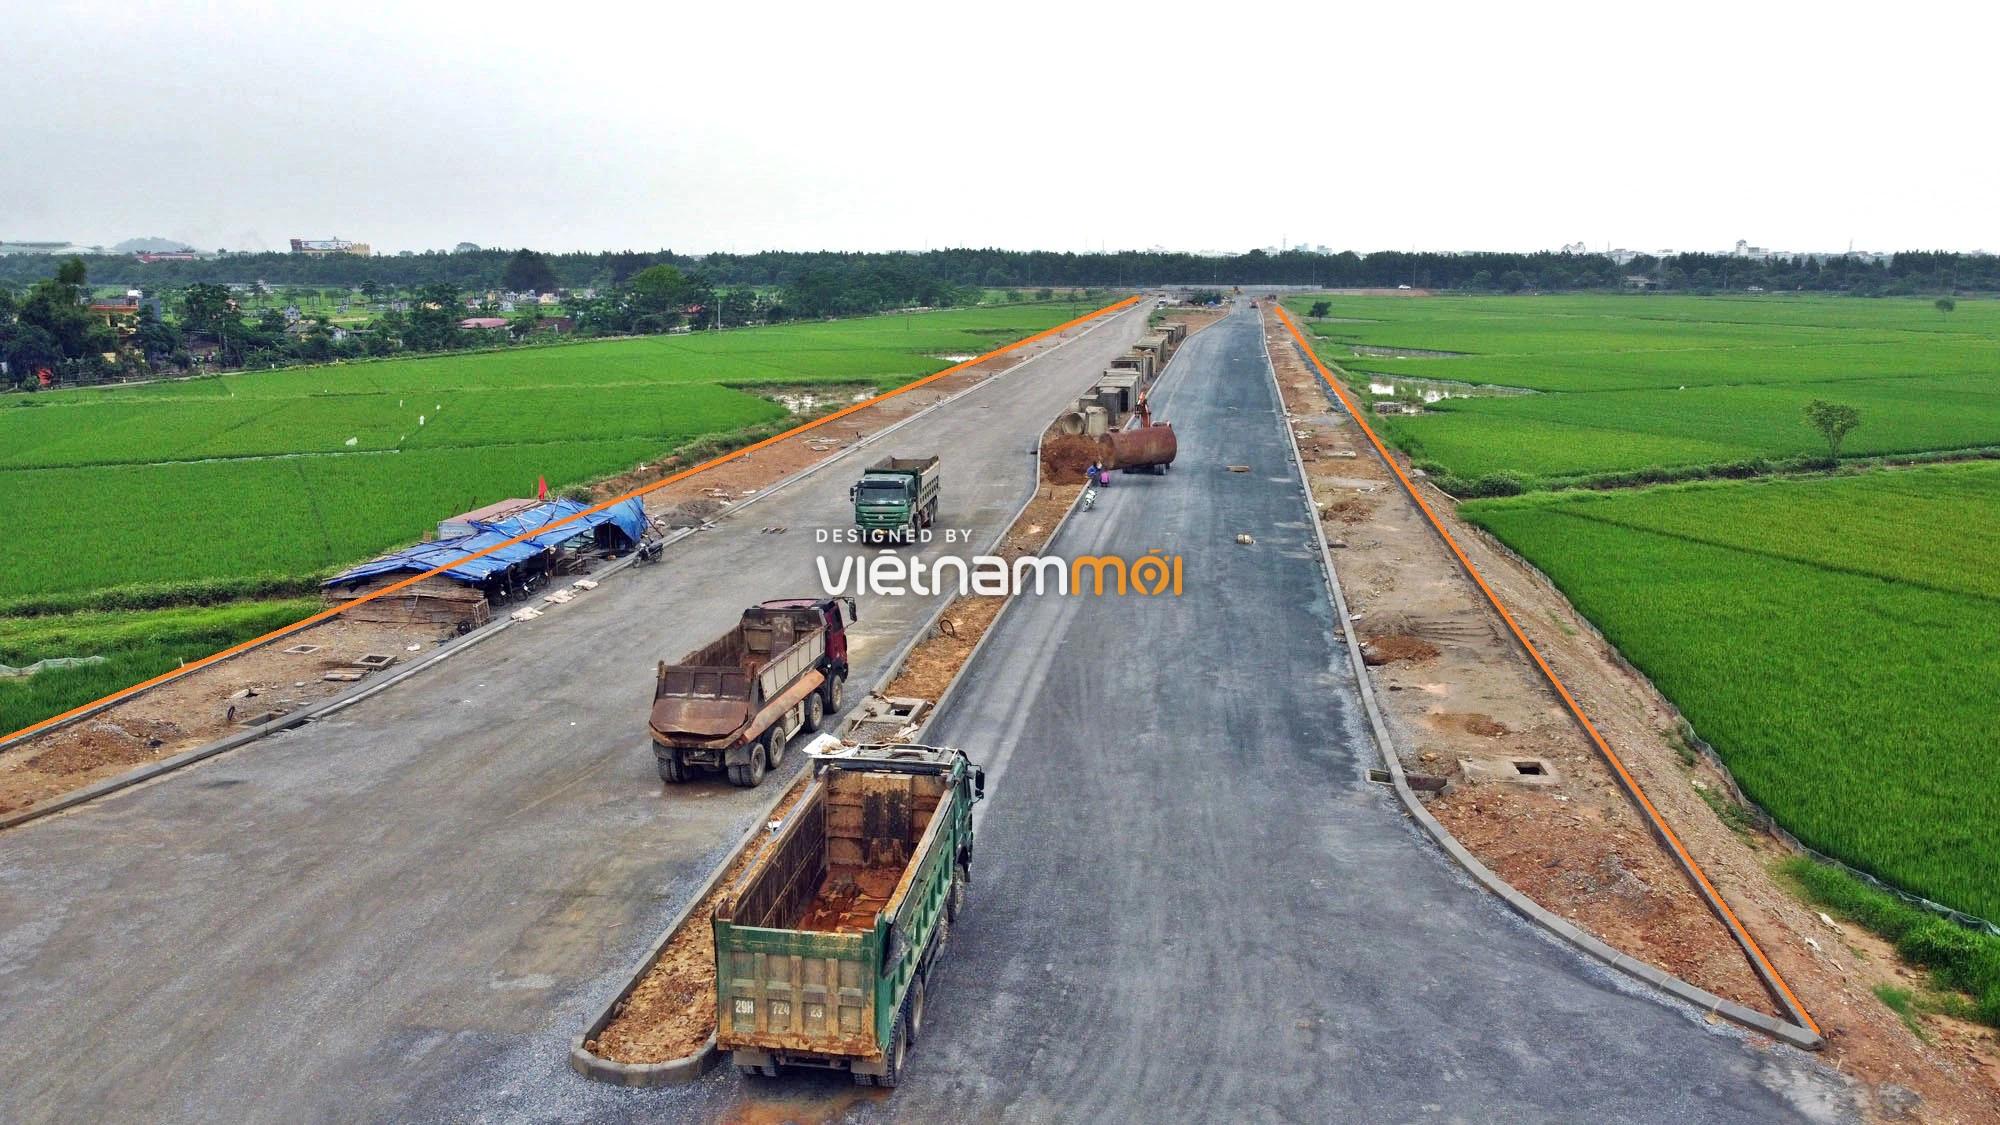 Toàn cảnh đường trục chính Bắc - Nam KĐT Quốc Oai kéo dài đang mở theo quy hoạch ở Hà Nội - Ảnh 7.